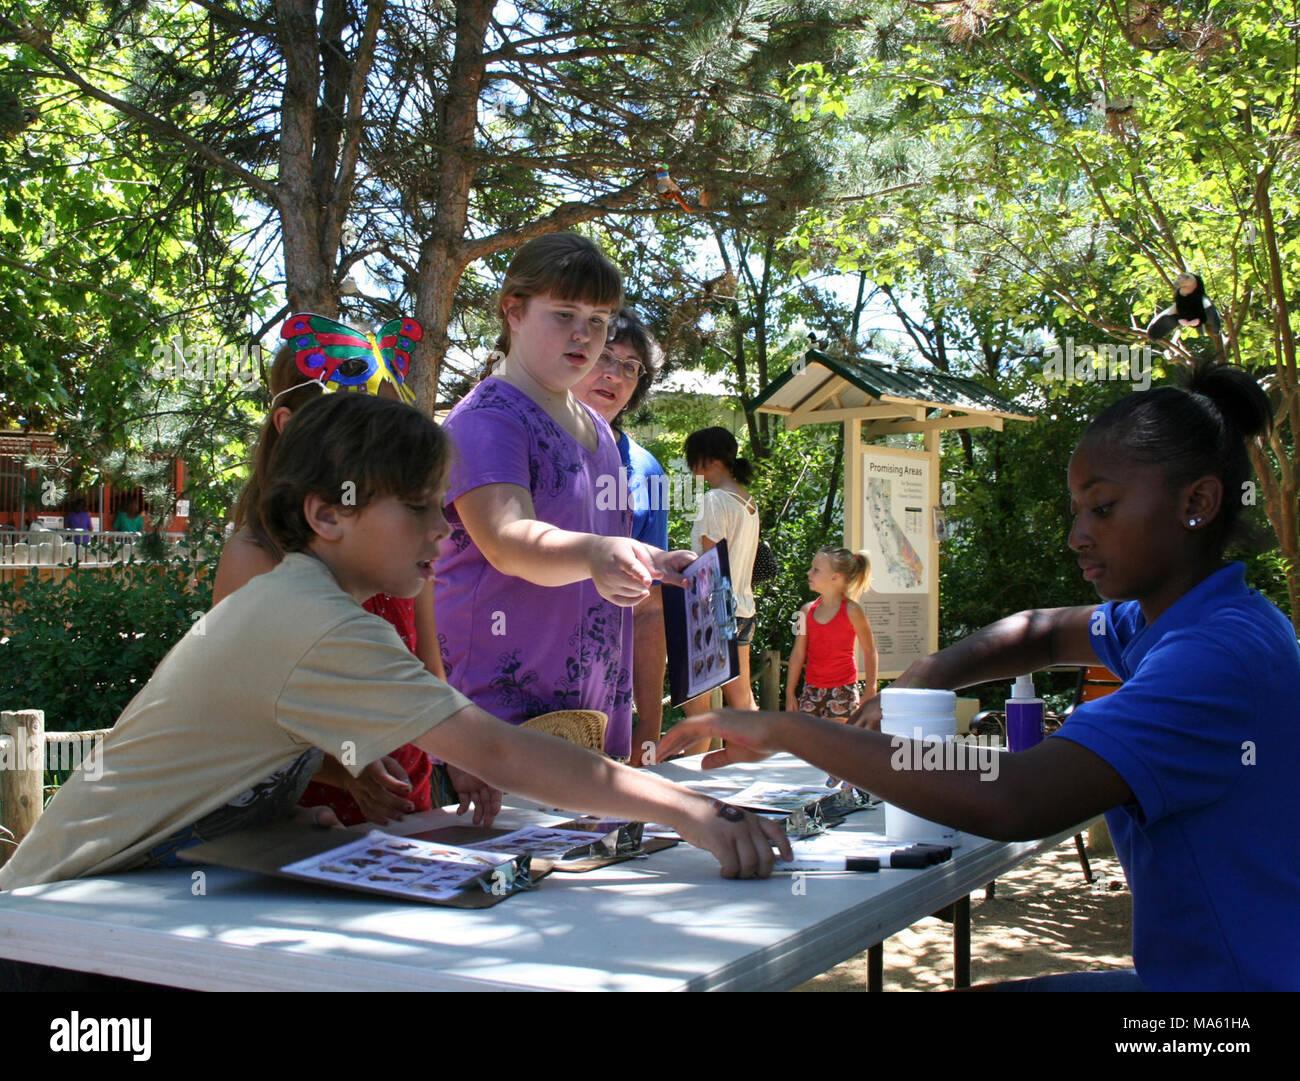 California State Fair Sacramento Stock Photos Amp California State Fair Sacramento Stock Images